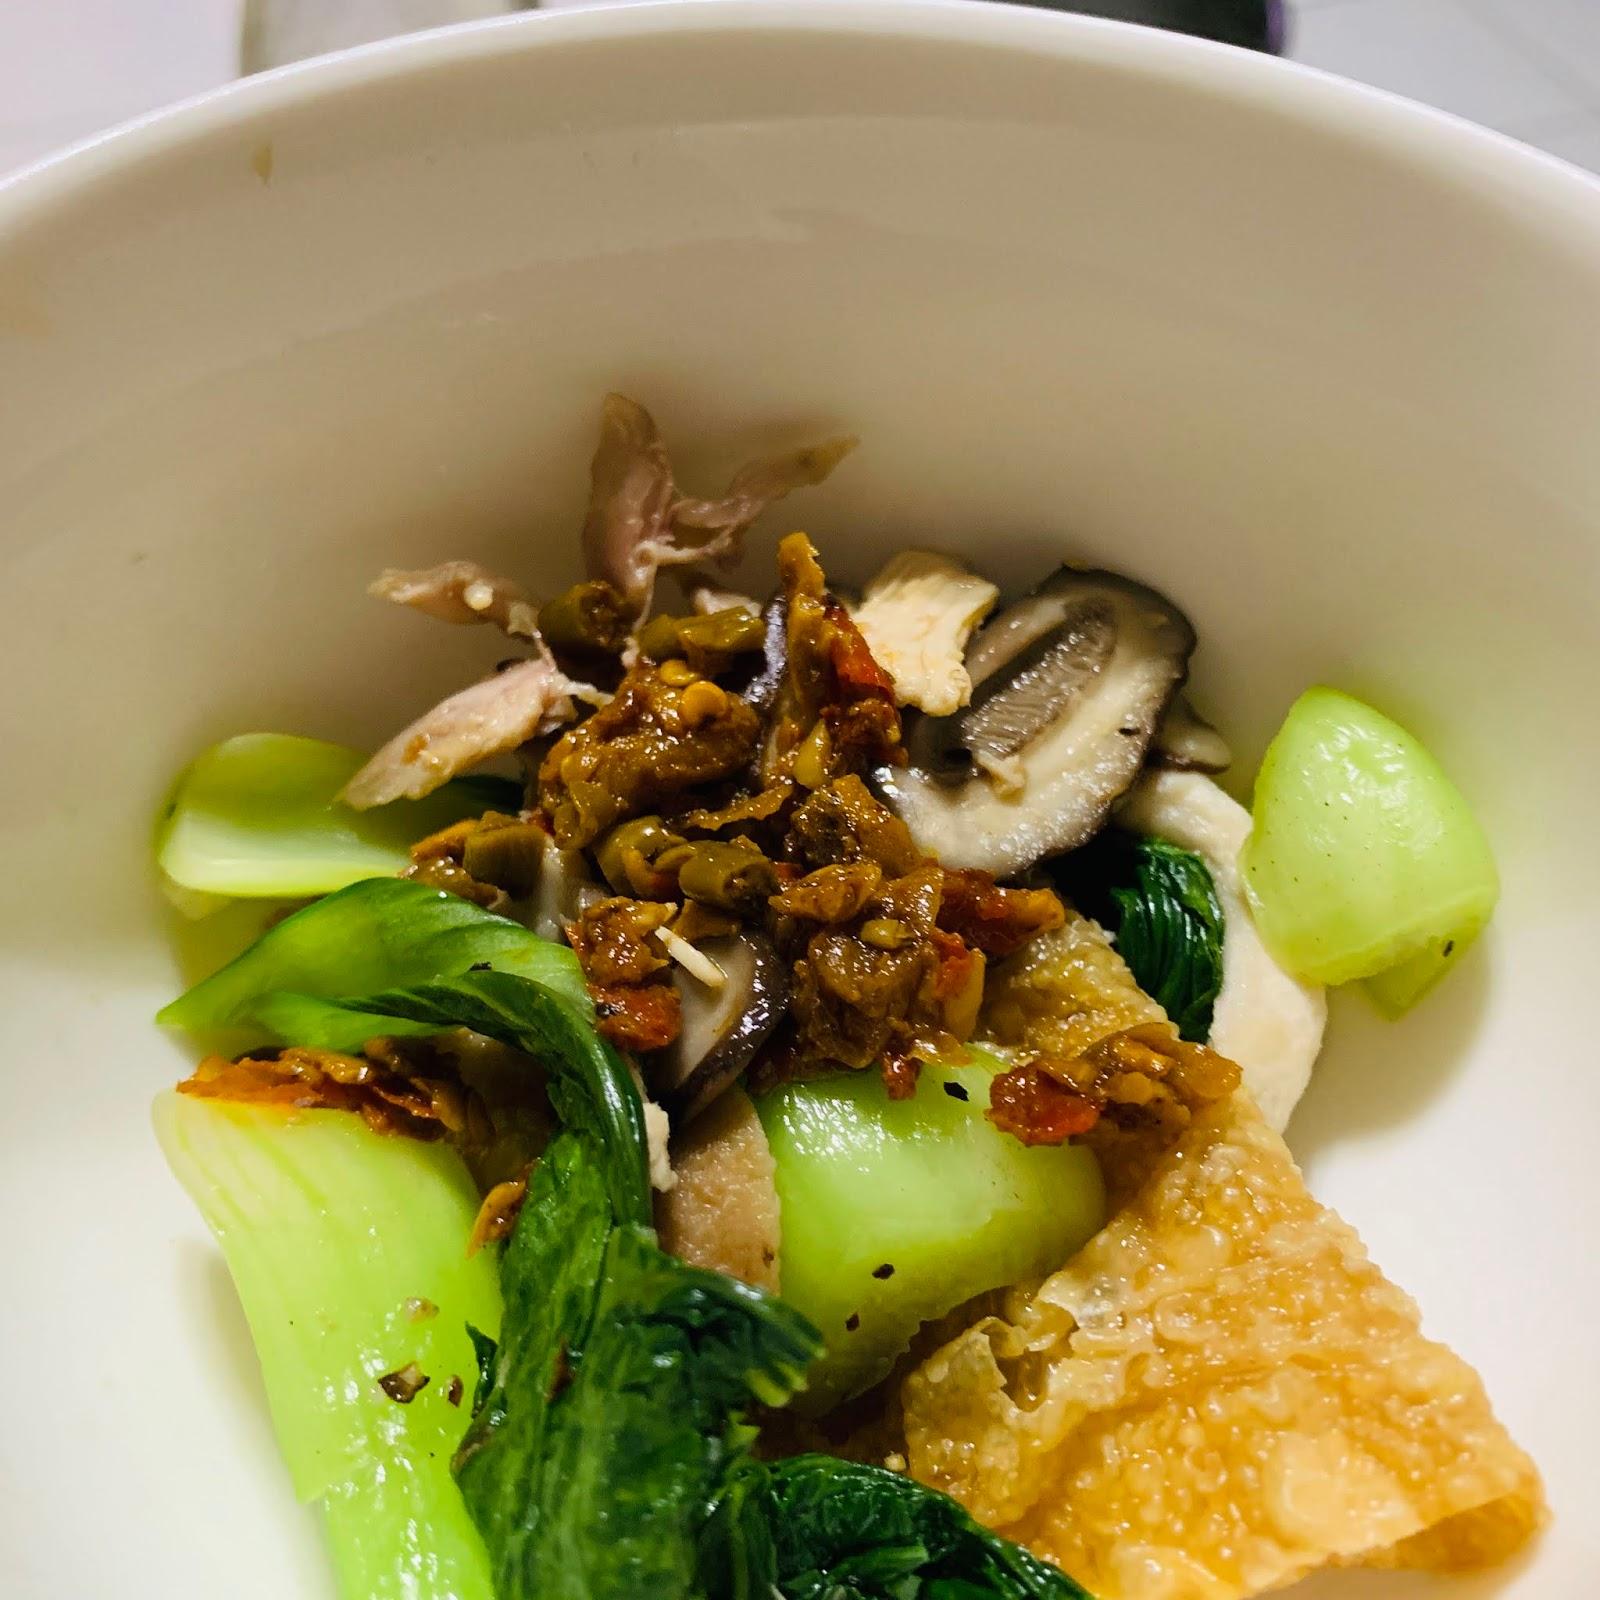 耕禾麻辣酸豇豆醬搭配水煮青菜